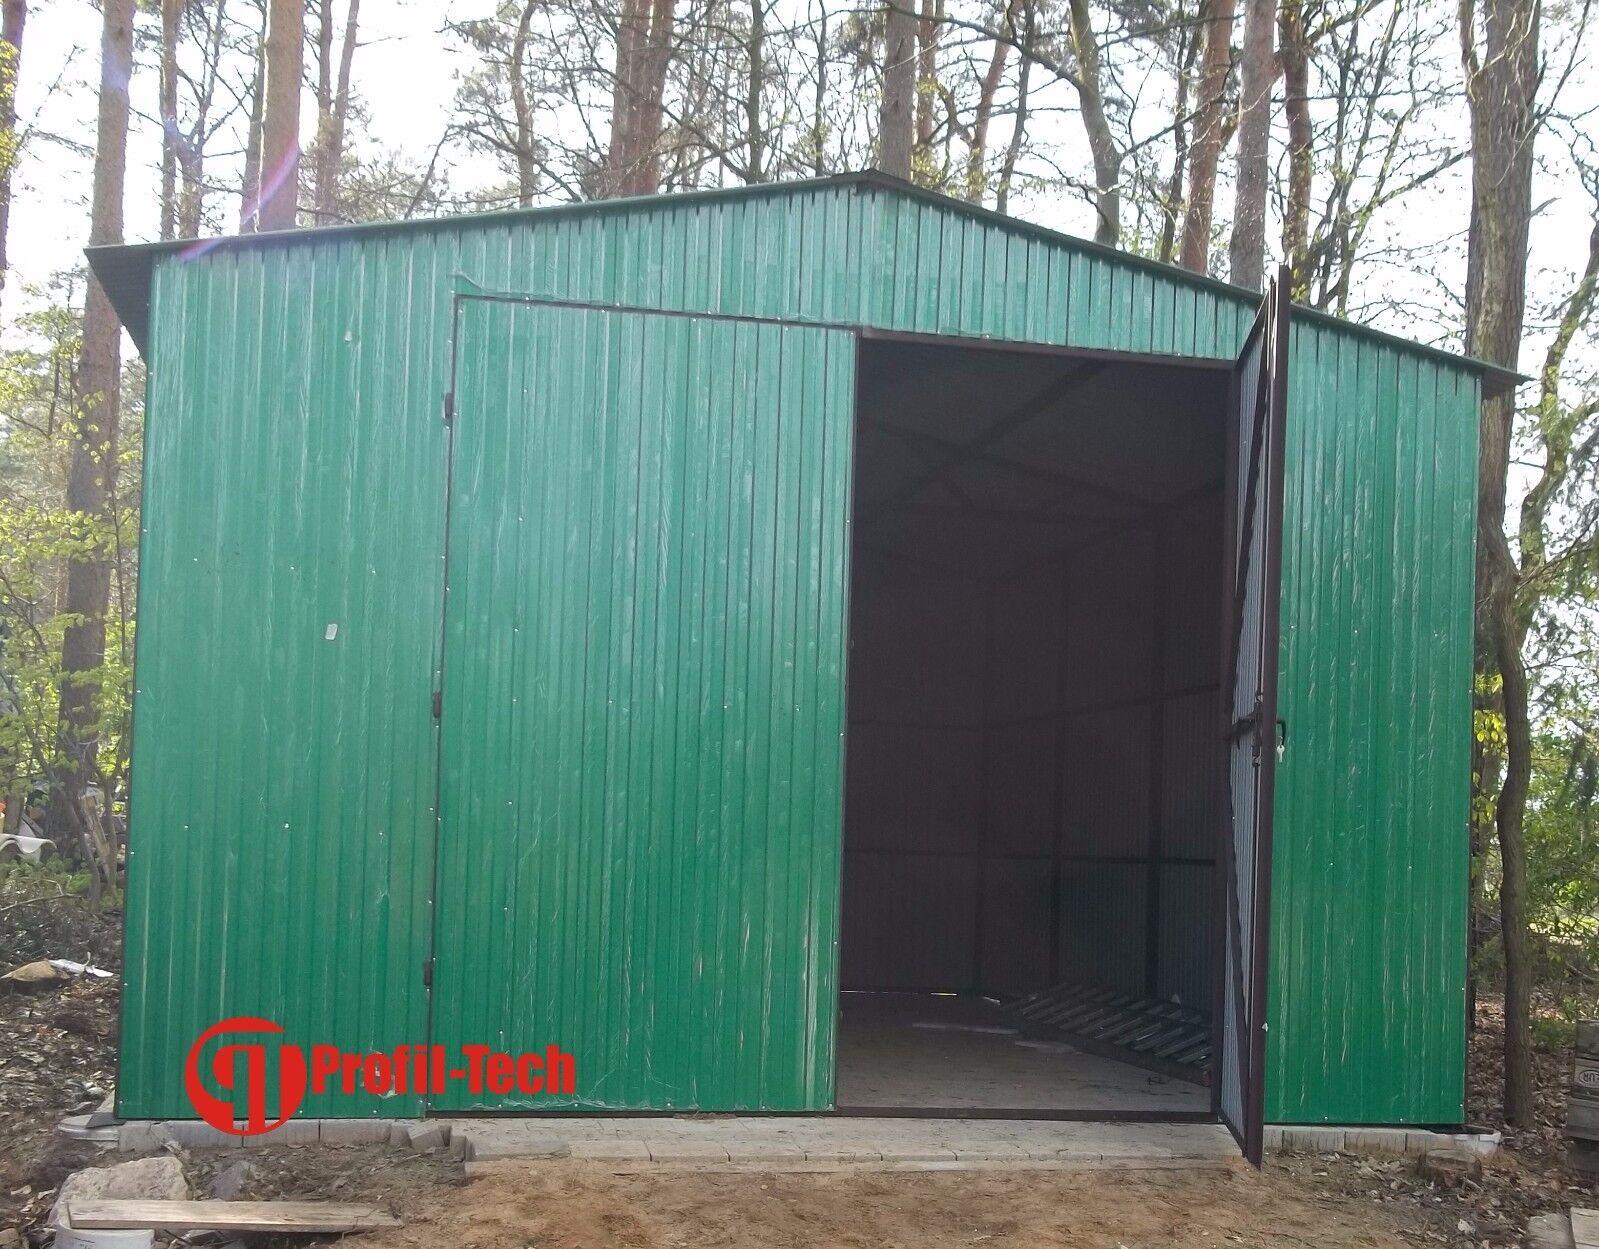 Blechgarage Fertiggarage Metallgarage LAGERRAUM GERÄTESCHUPPEN garage 6,0X5,5